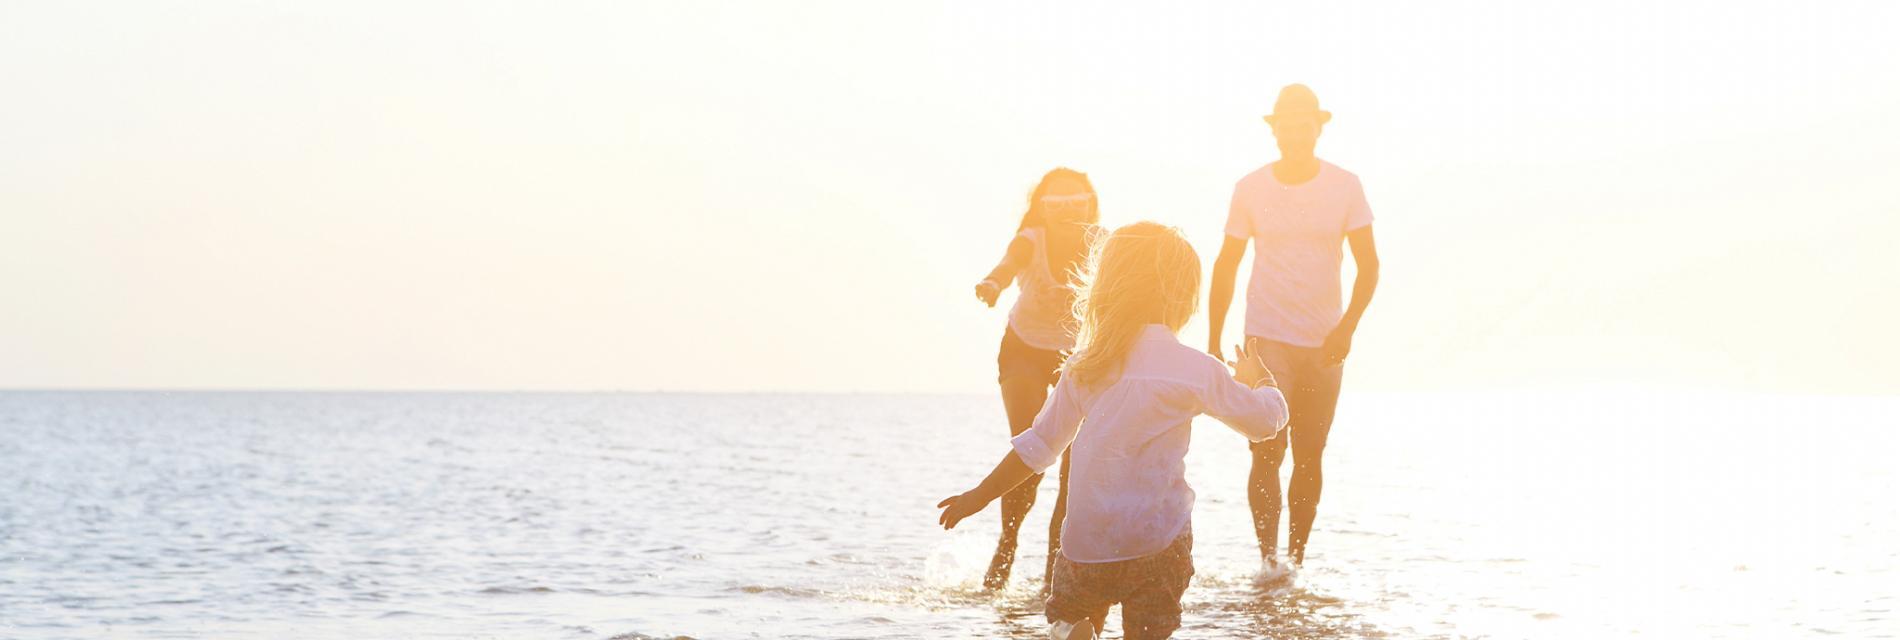 Slide vacances en famille